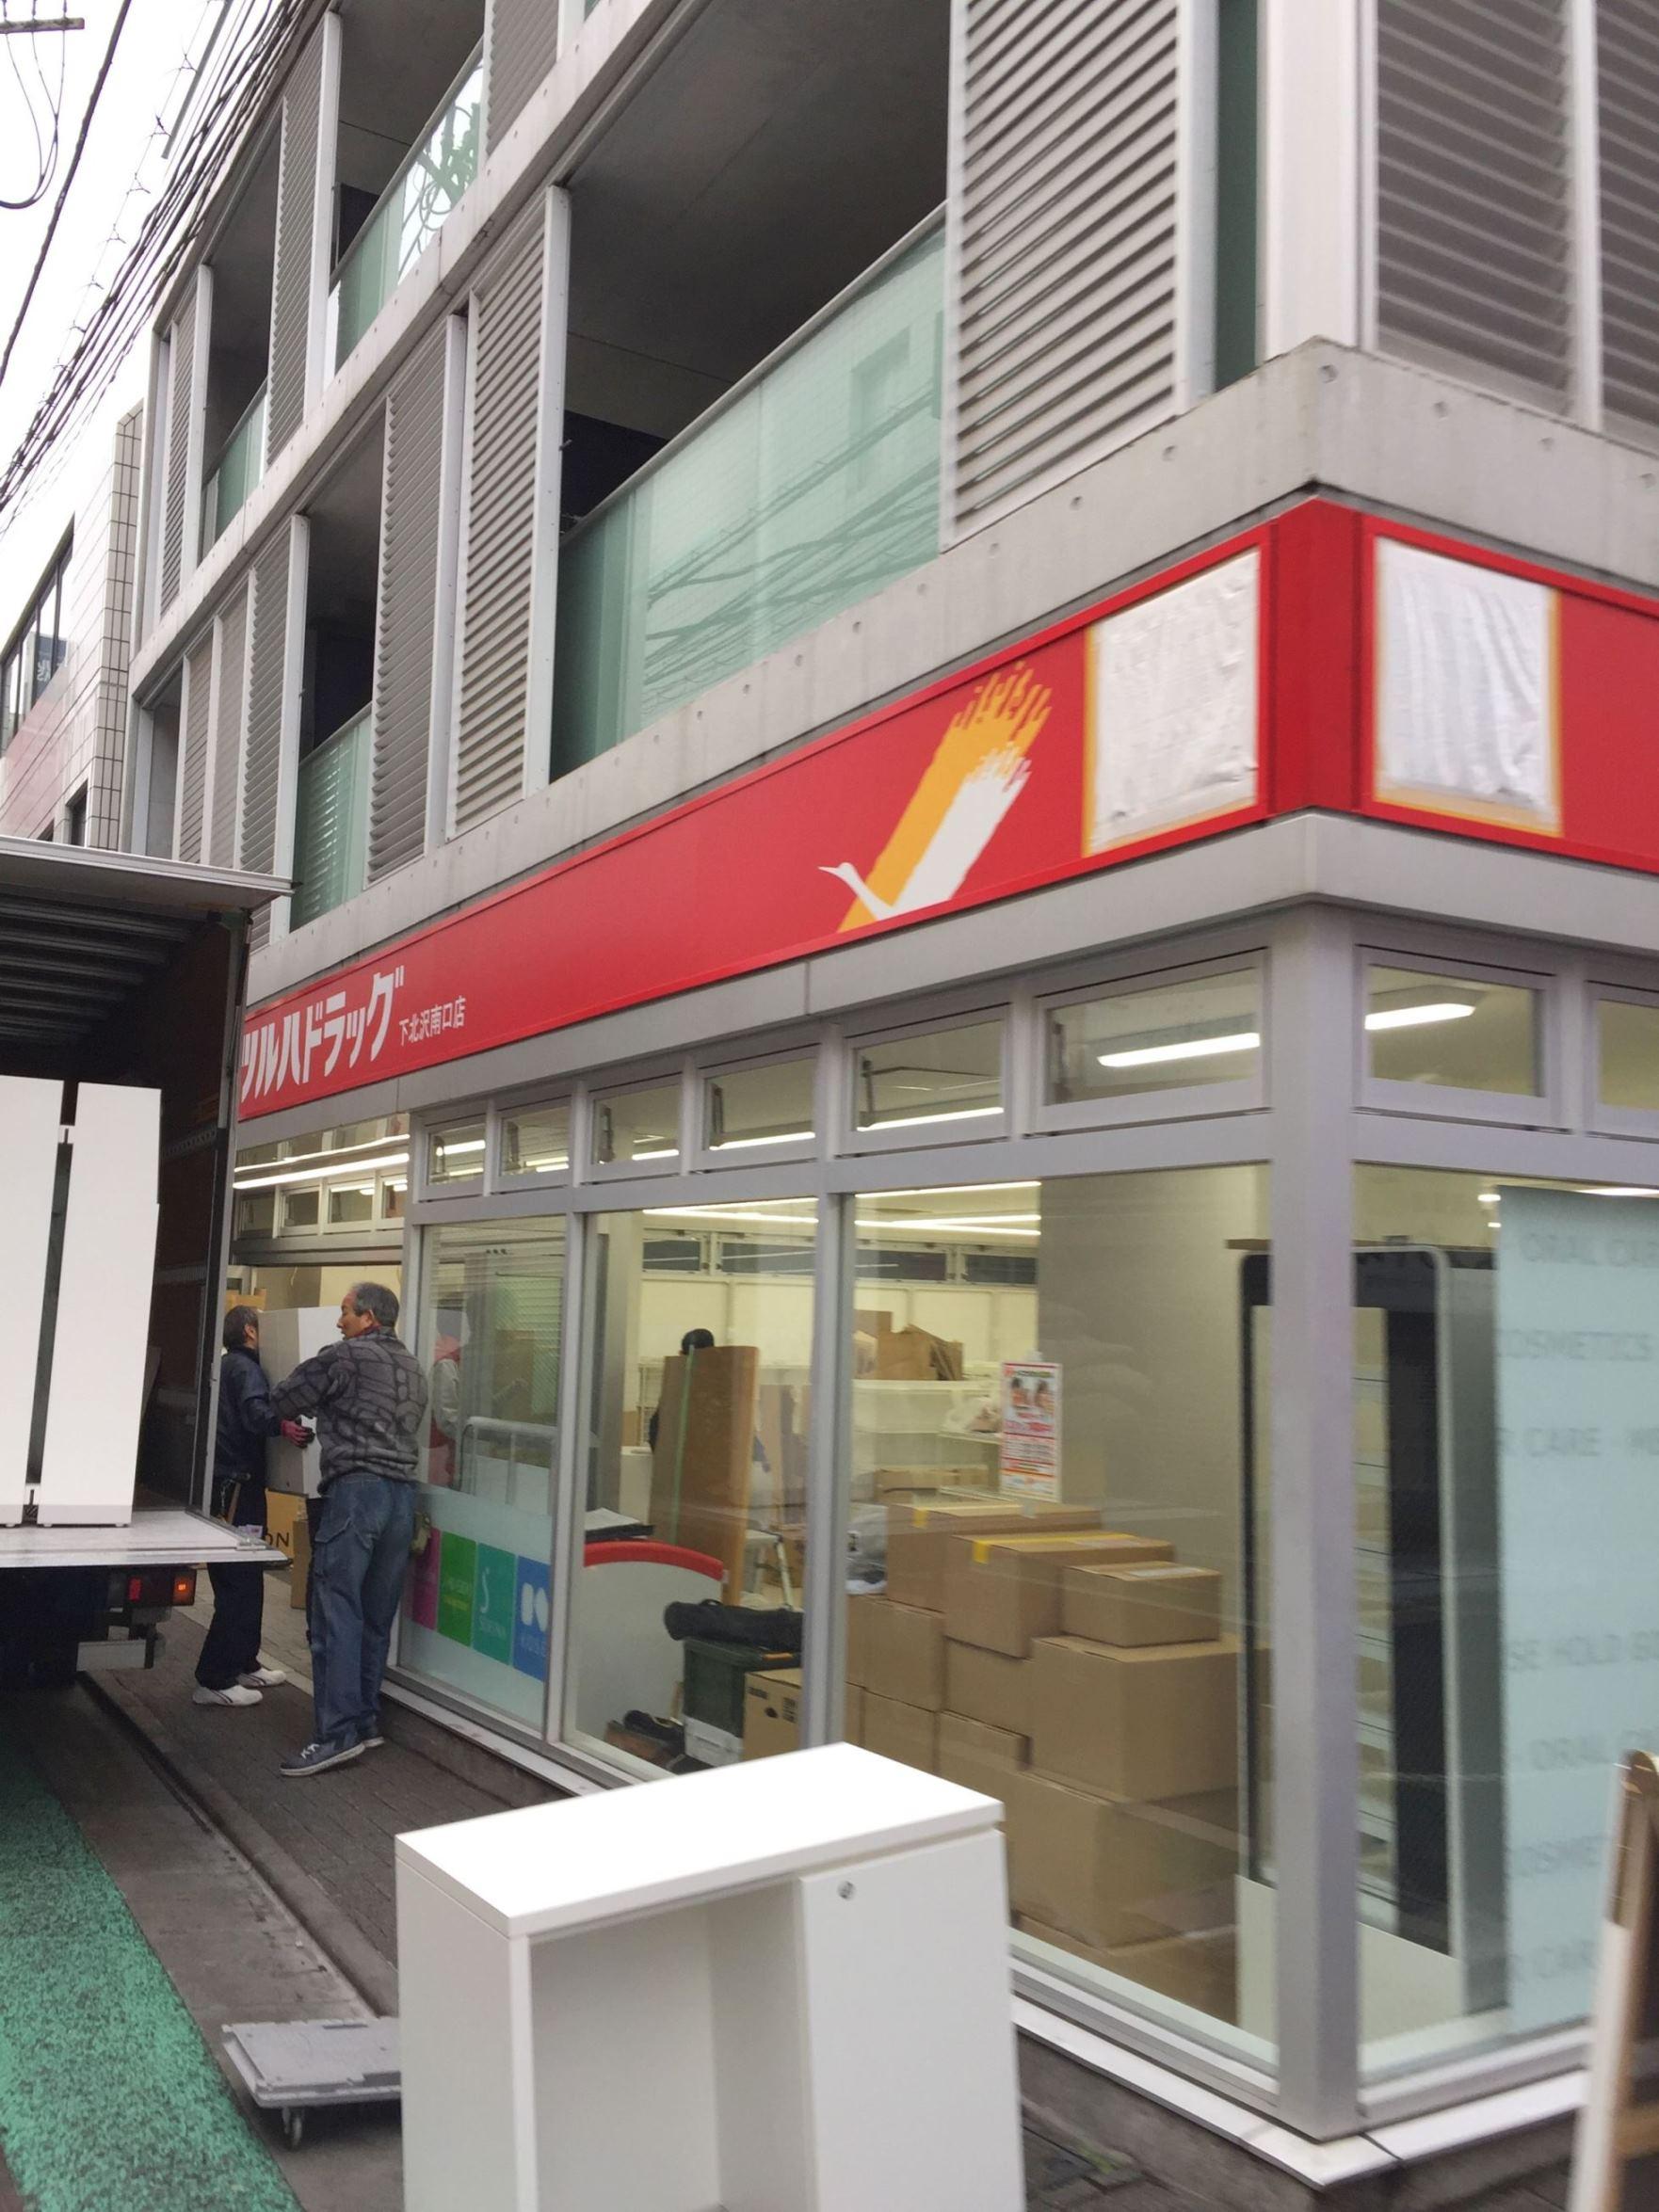 「アインズ&トルペ 下北沢店」の跡地は「ツルハドラッグ下北沢南口店」